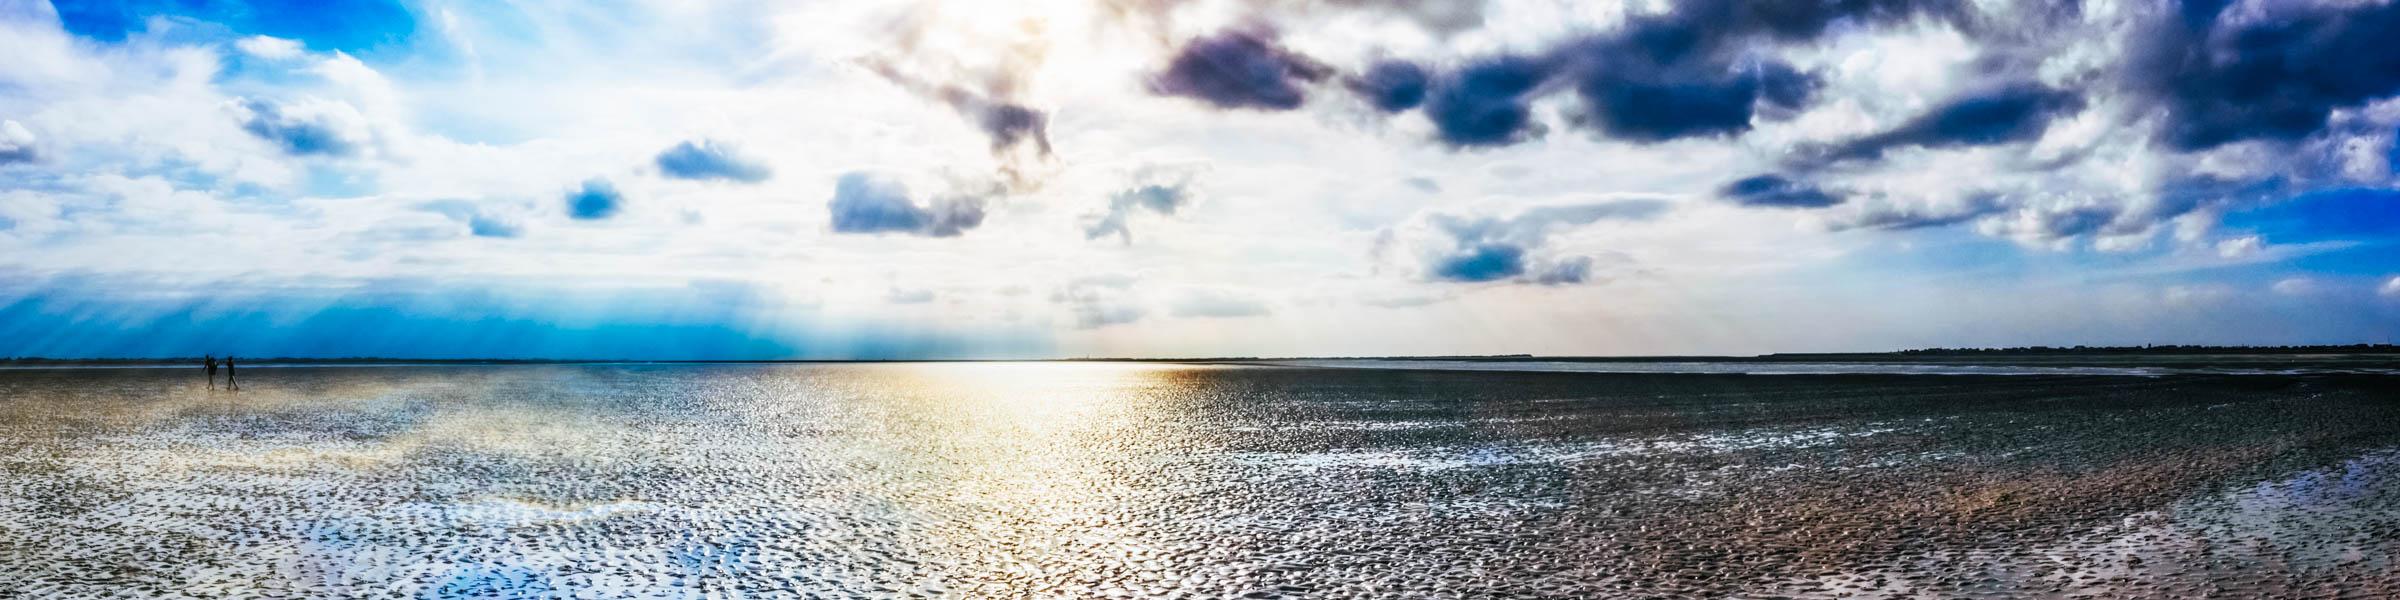 Wattenmeer auf Baltrum